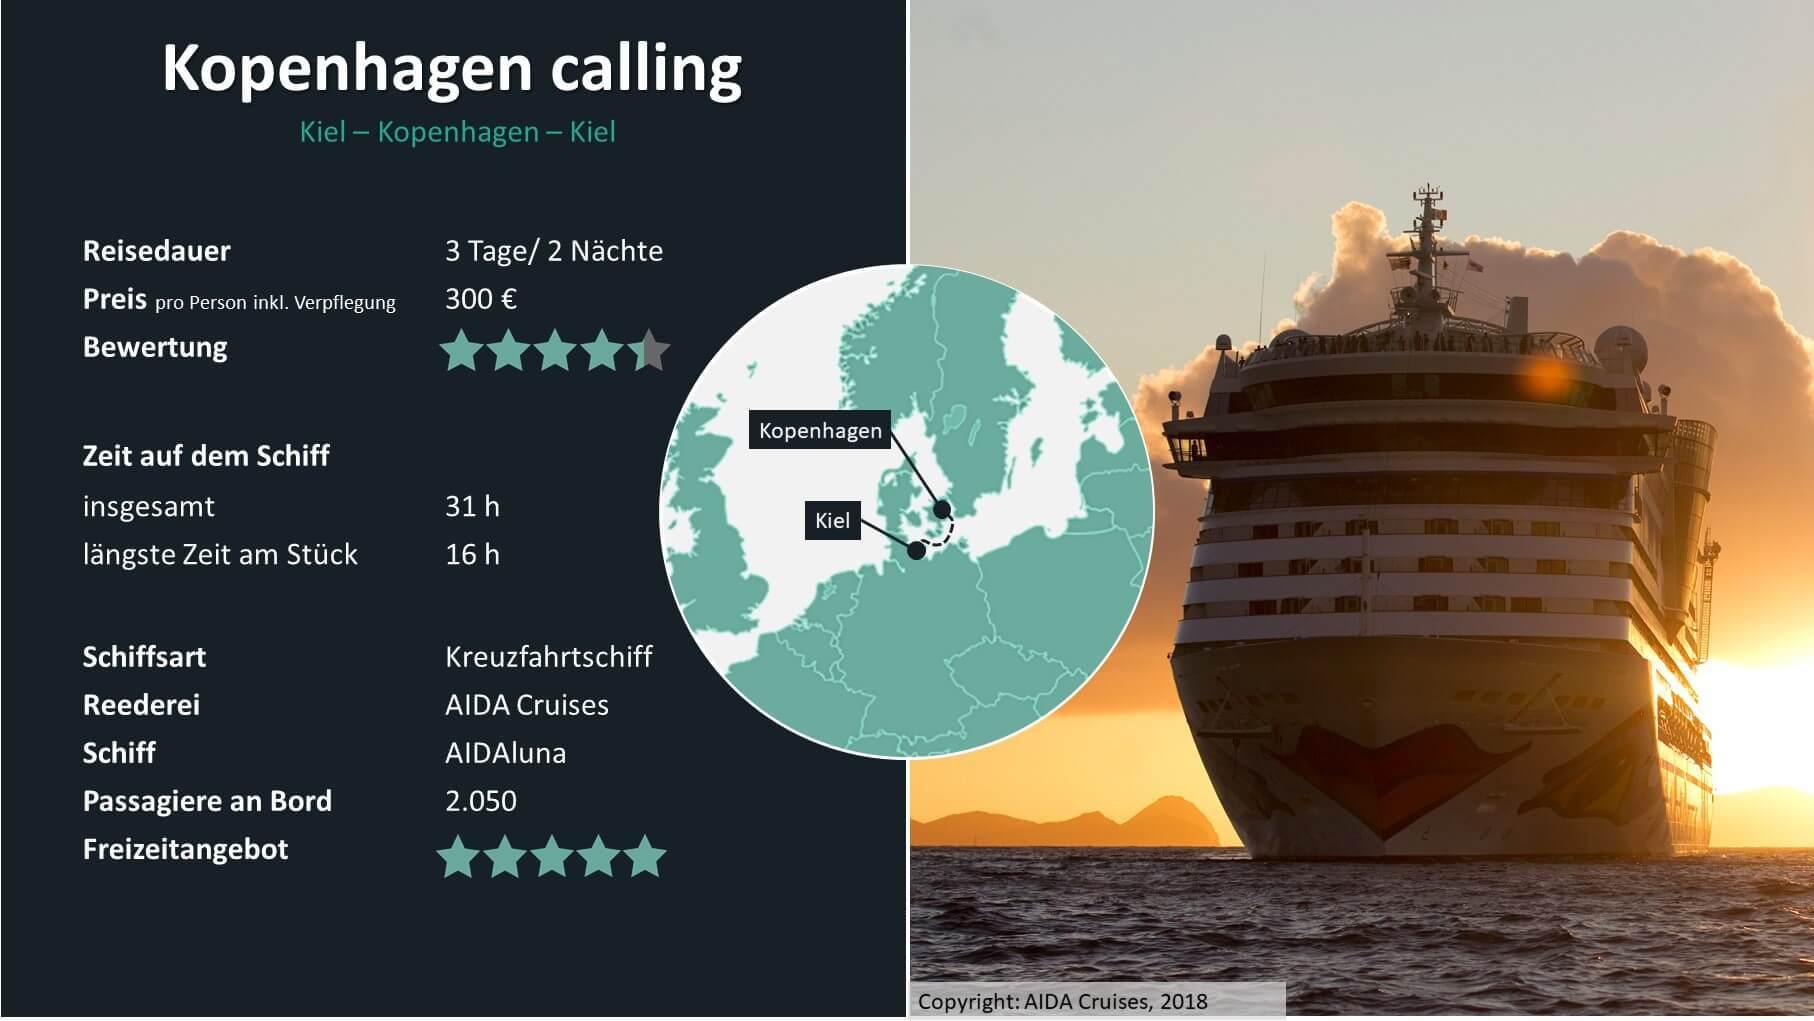 Minikreuzfahrt Kiel – Kopenhagen – Kiel